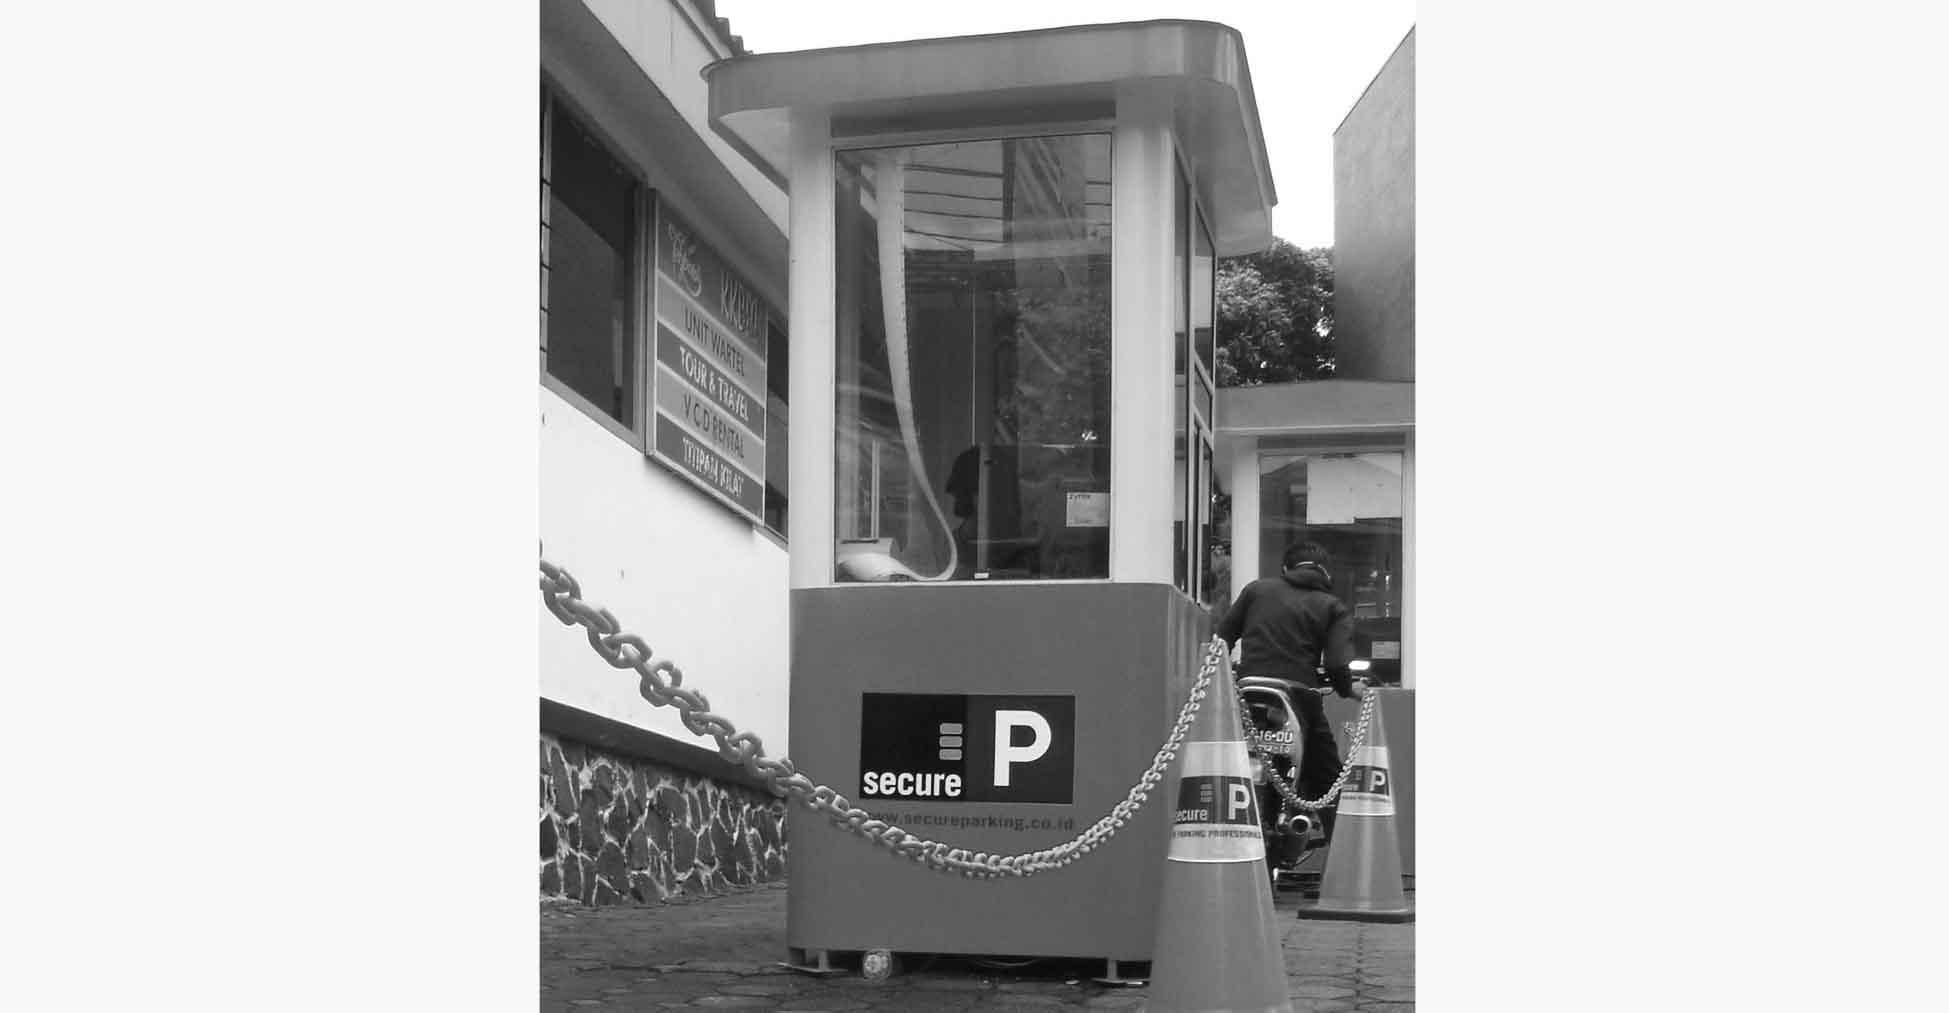 Tidak Ada Dalam MOU, Valet Parking Illegal?